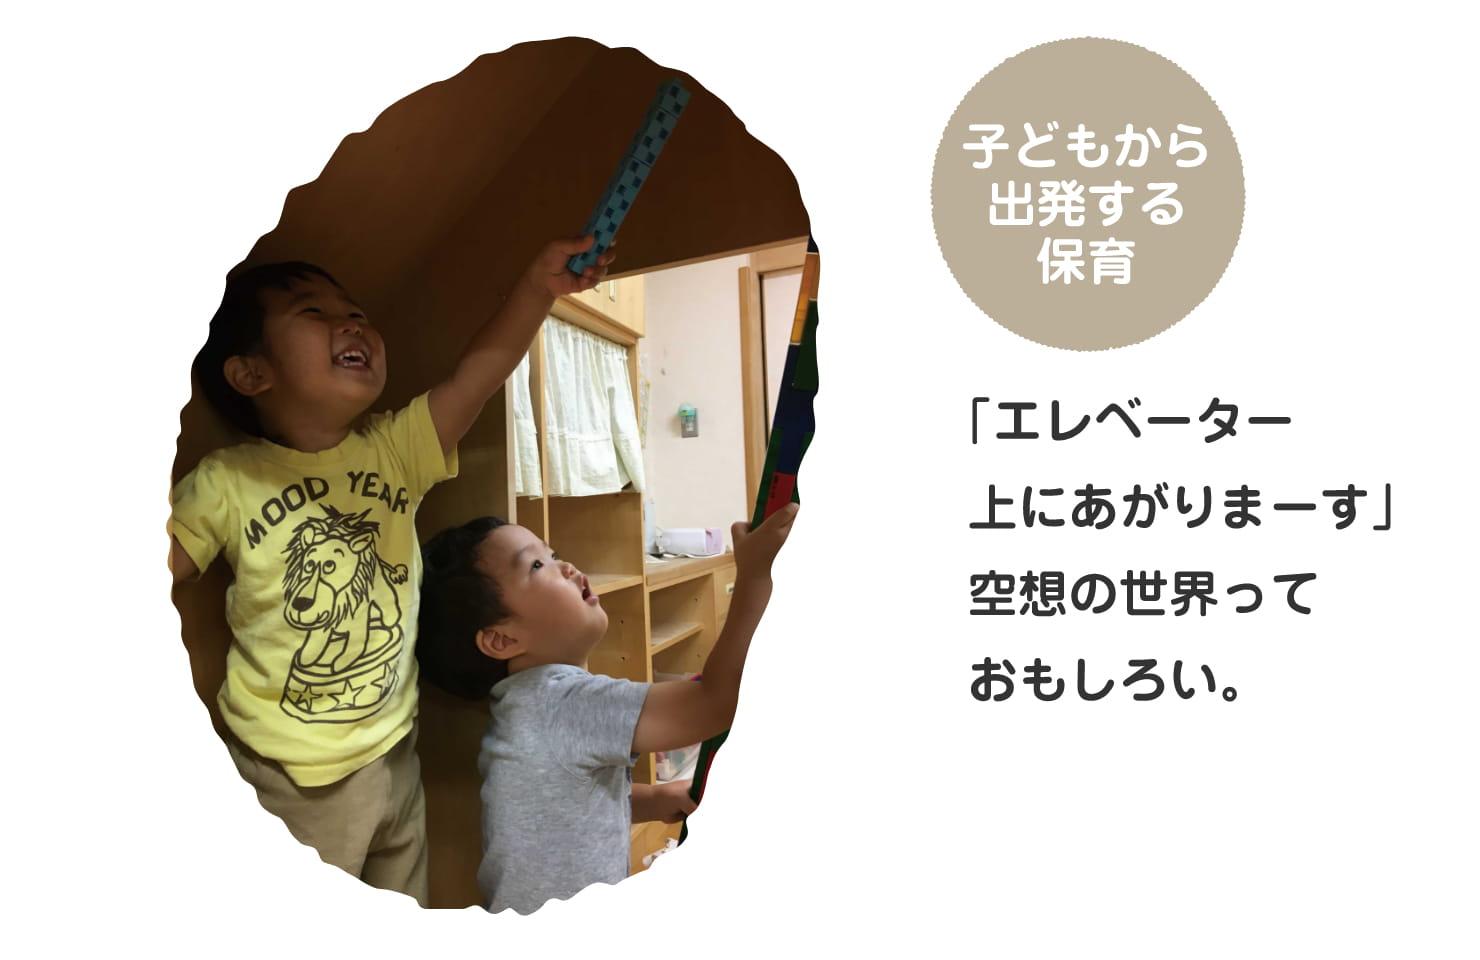 子どもから出発する保育 「エレベーター上にあがりまーす」空想の世界っておもしろい。